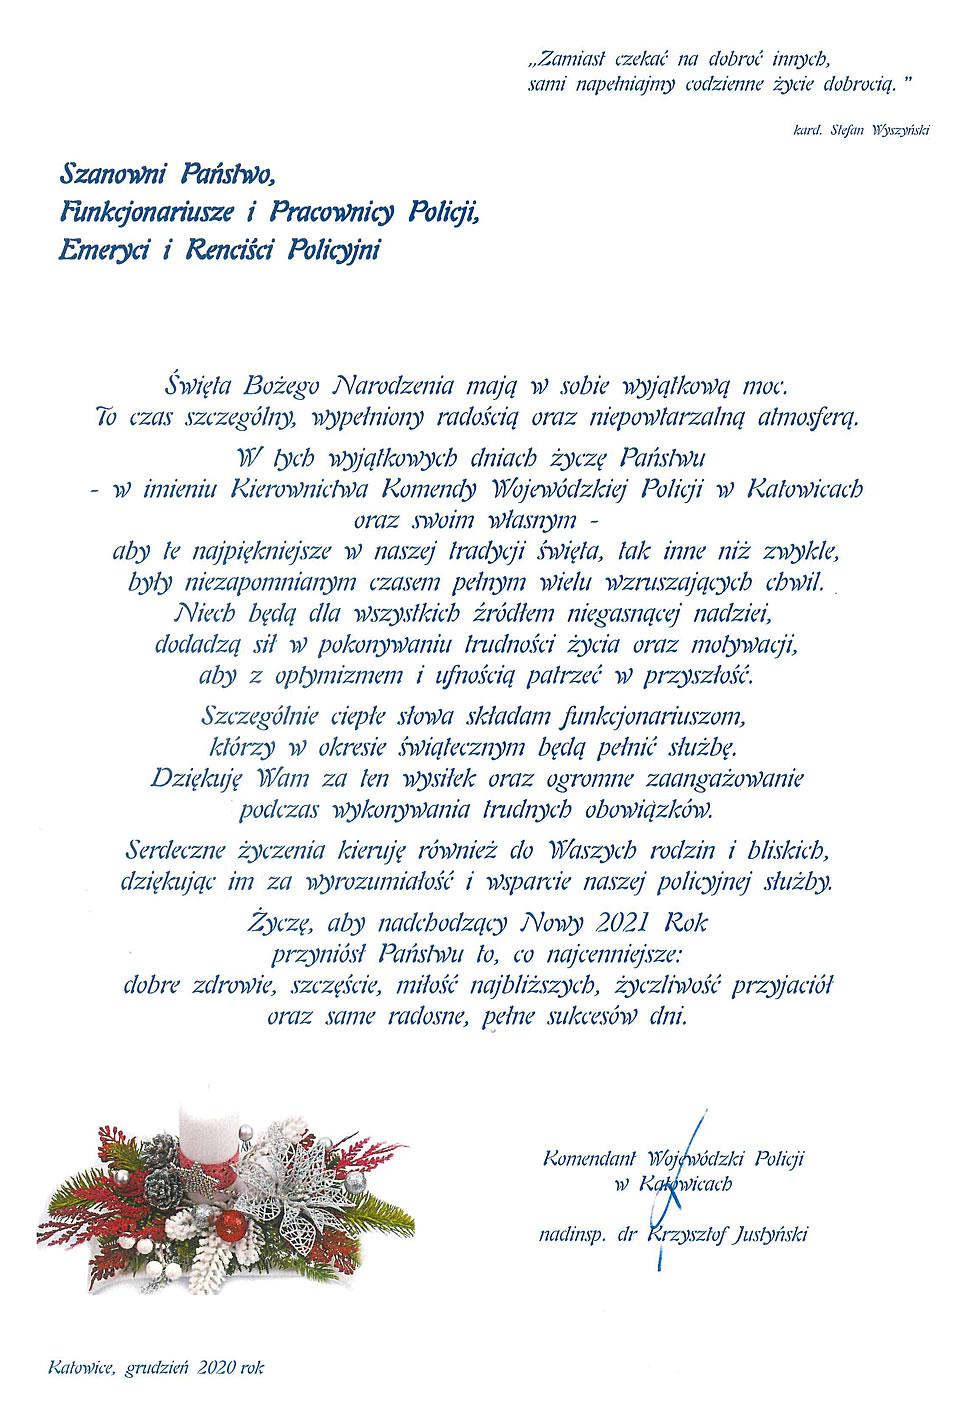 Życzenia Komendanta Wojewódzkiego Policji w Katowicach w wersji graficznej - wersja tekstowa została umieszczona w treści tej podstrony